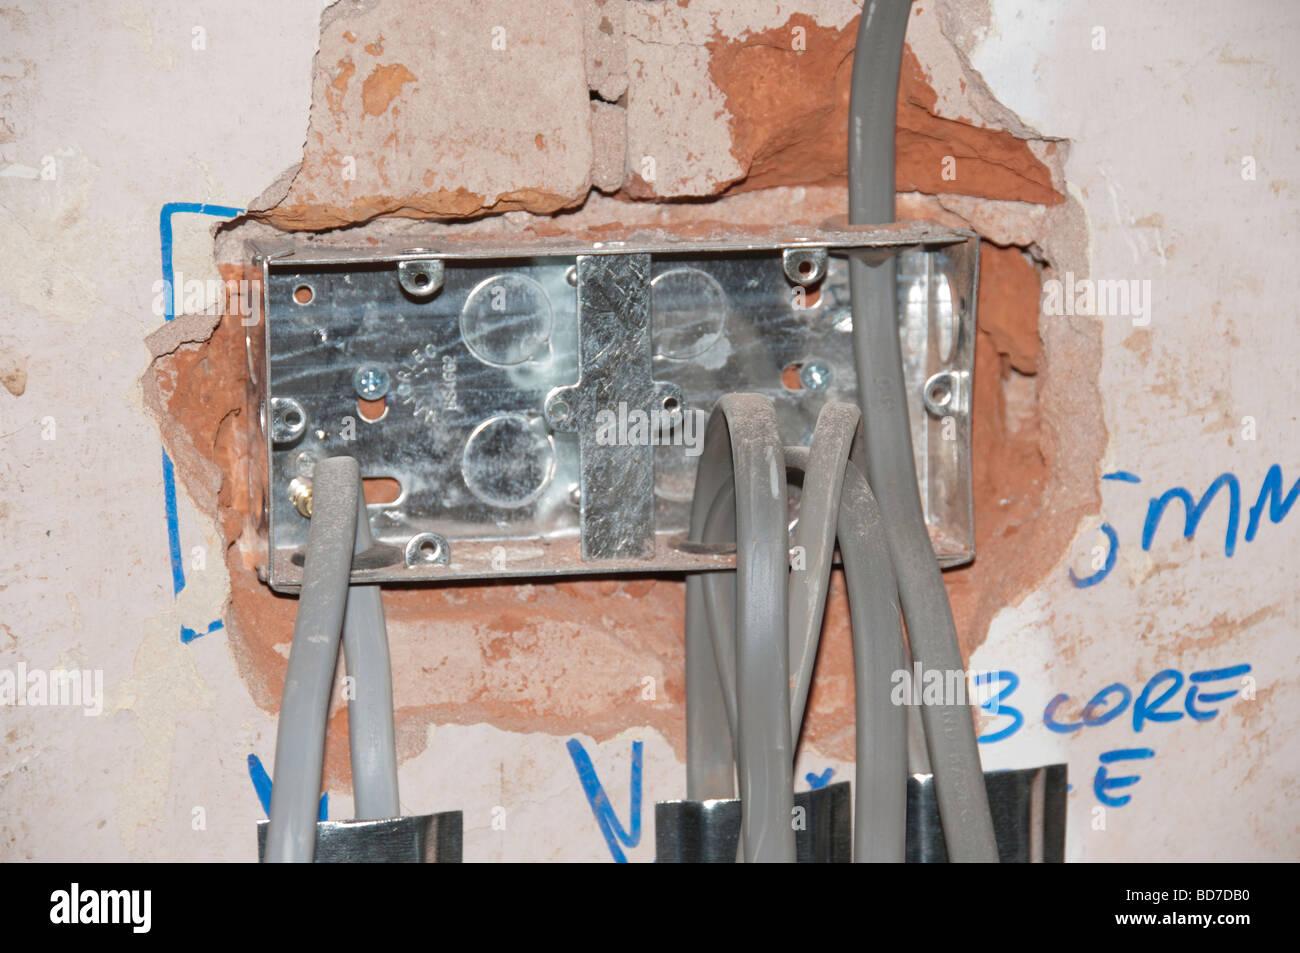 Neue Elektrische Verdrahtung In Einer Haus Renovierung Stockbild